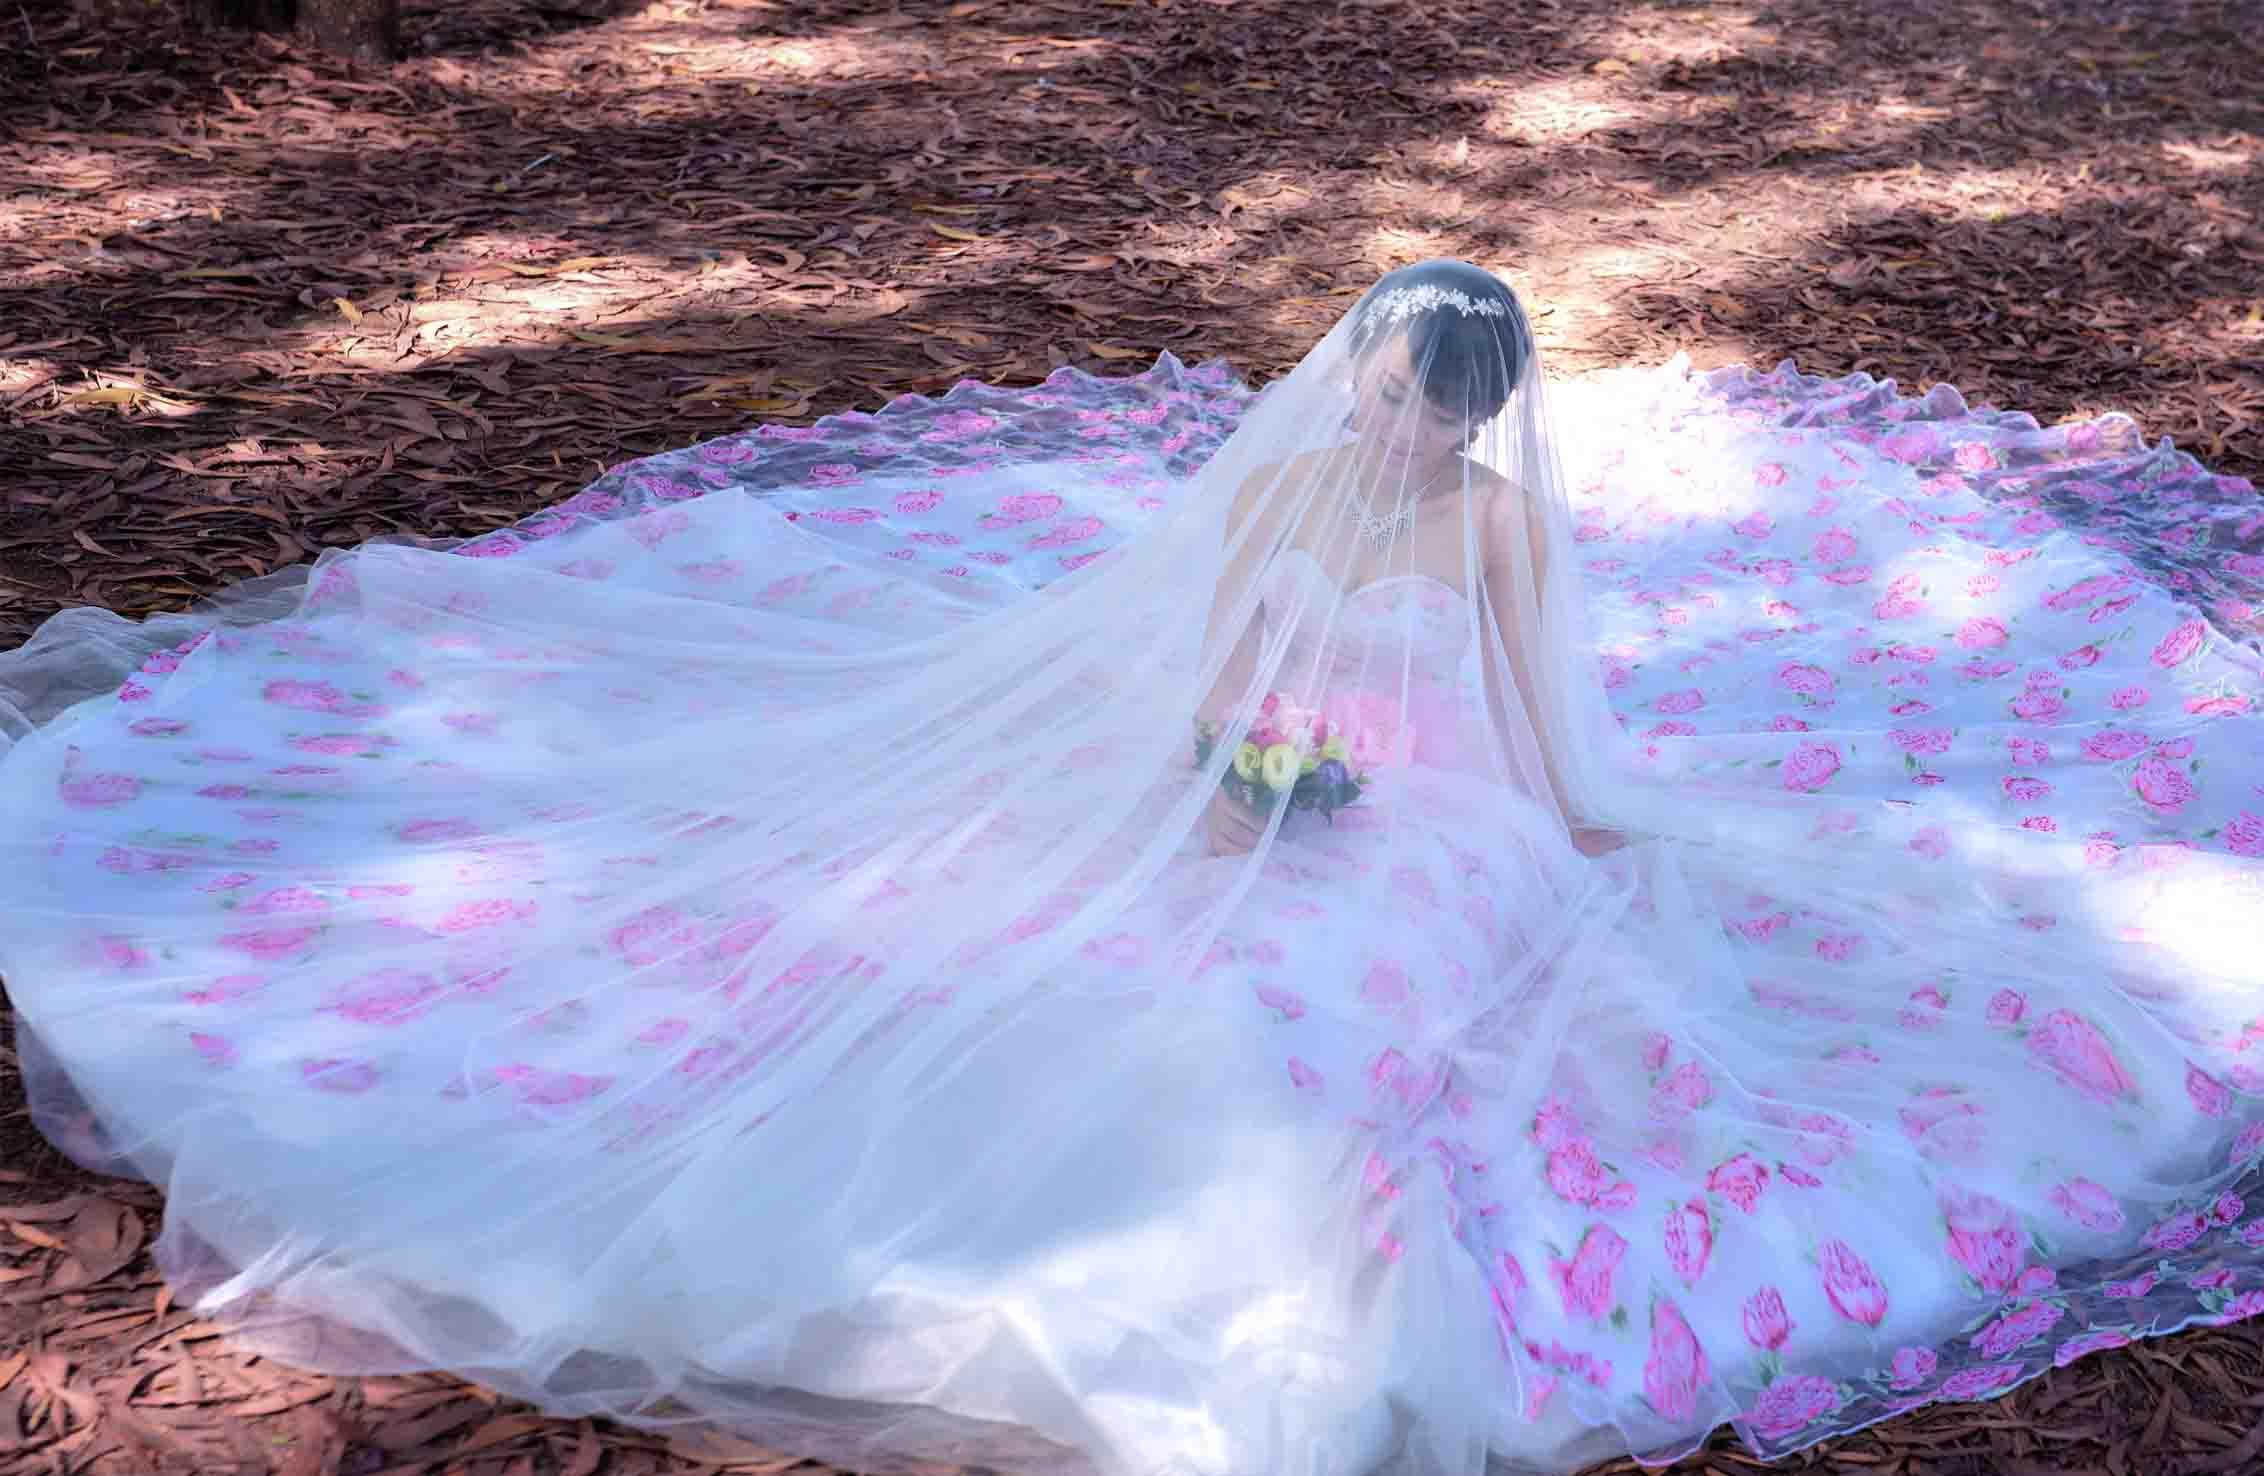 Có lẽ bạn đang đắm say trong những mộng mơ với bộ hình cưới đẹp lung linh của 2 người. Nhưng khi tỉnh giấc, bạn chợt lo lắng vì vẫn chưa tìm ...